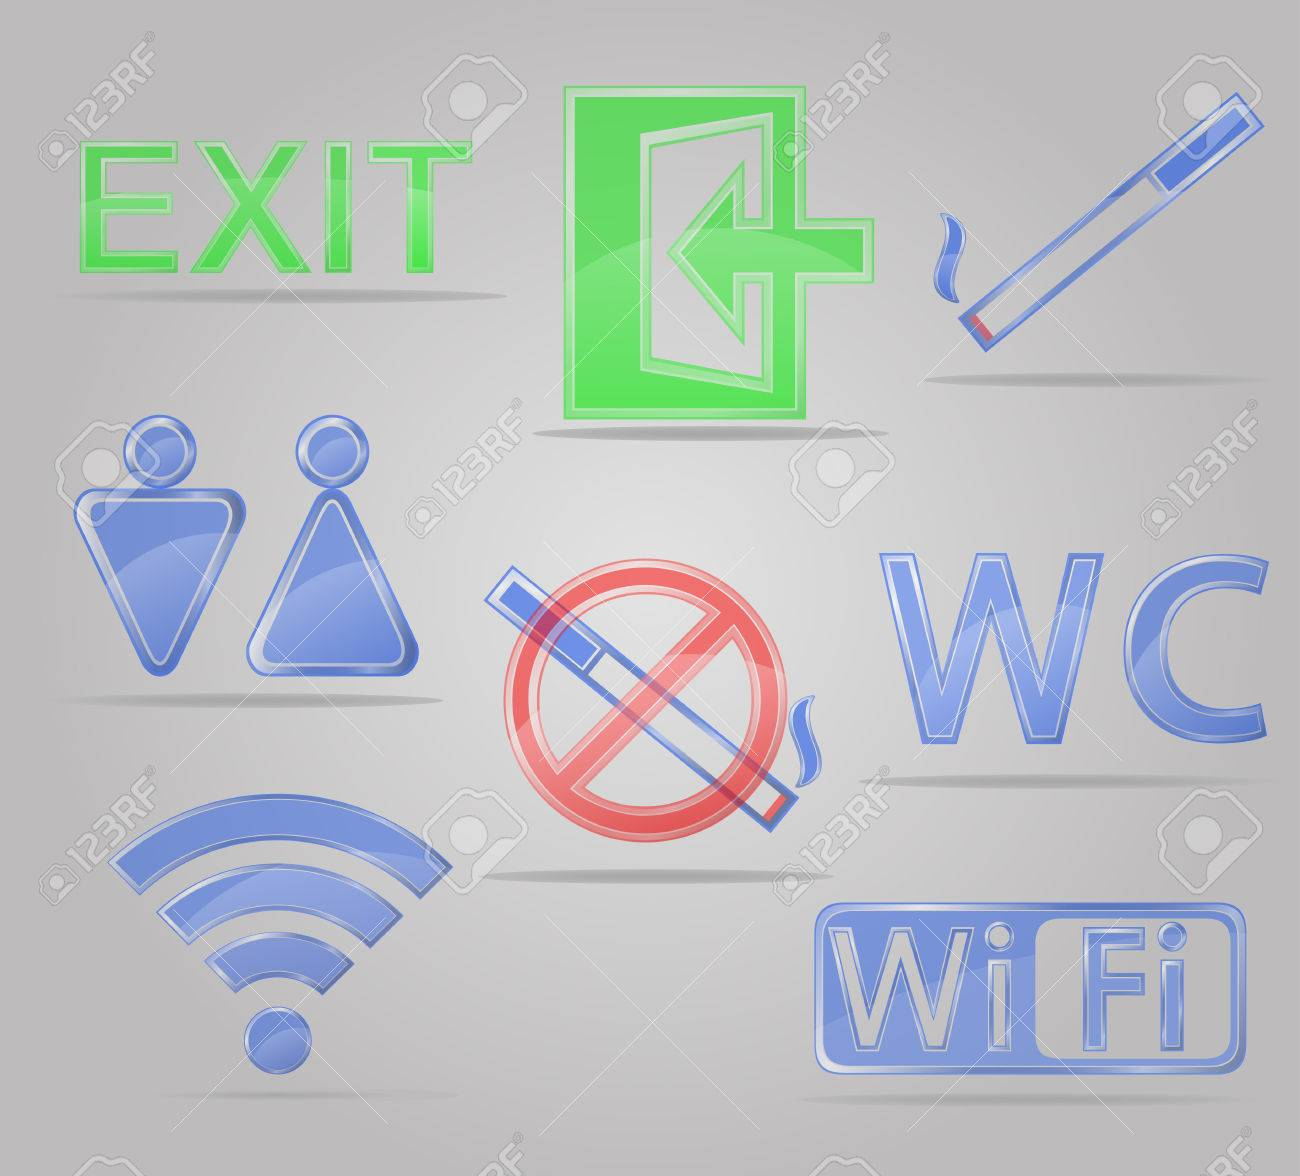 Iconos conjunto de signos transparentes para lugares públicos ilustración  vectorial aislados en fondo gris Foto de 835c86f7ac5e3